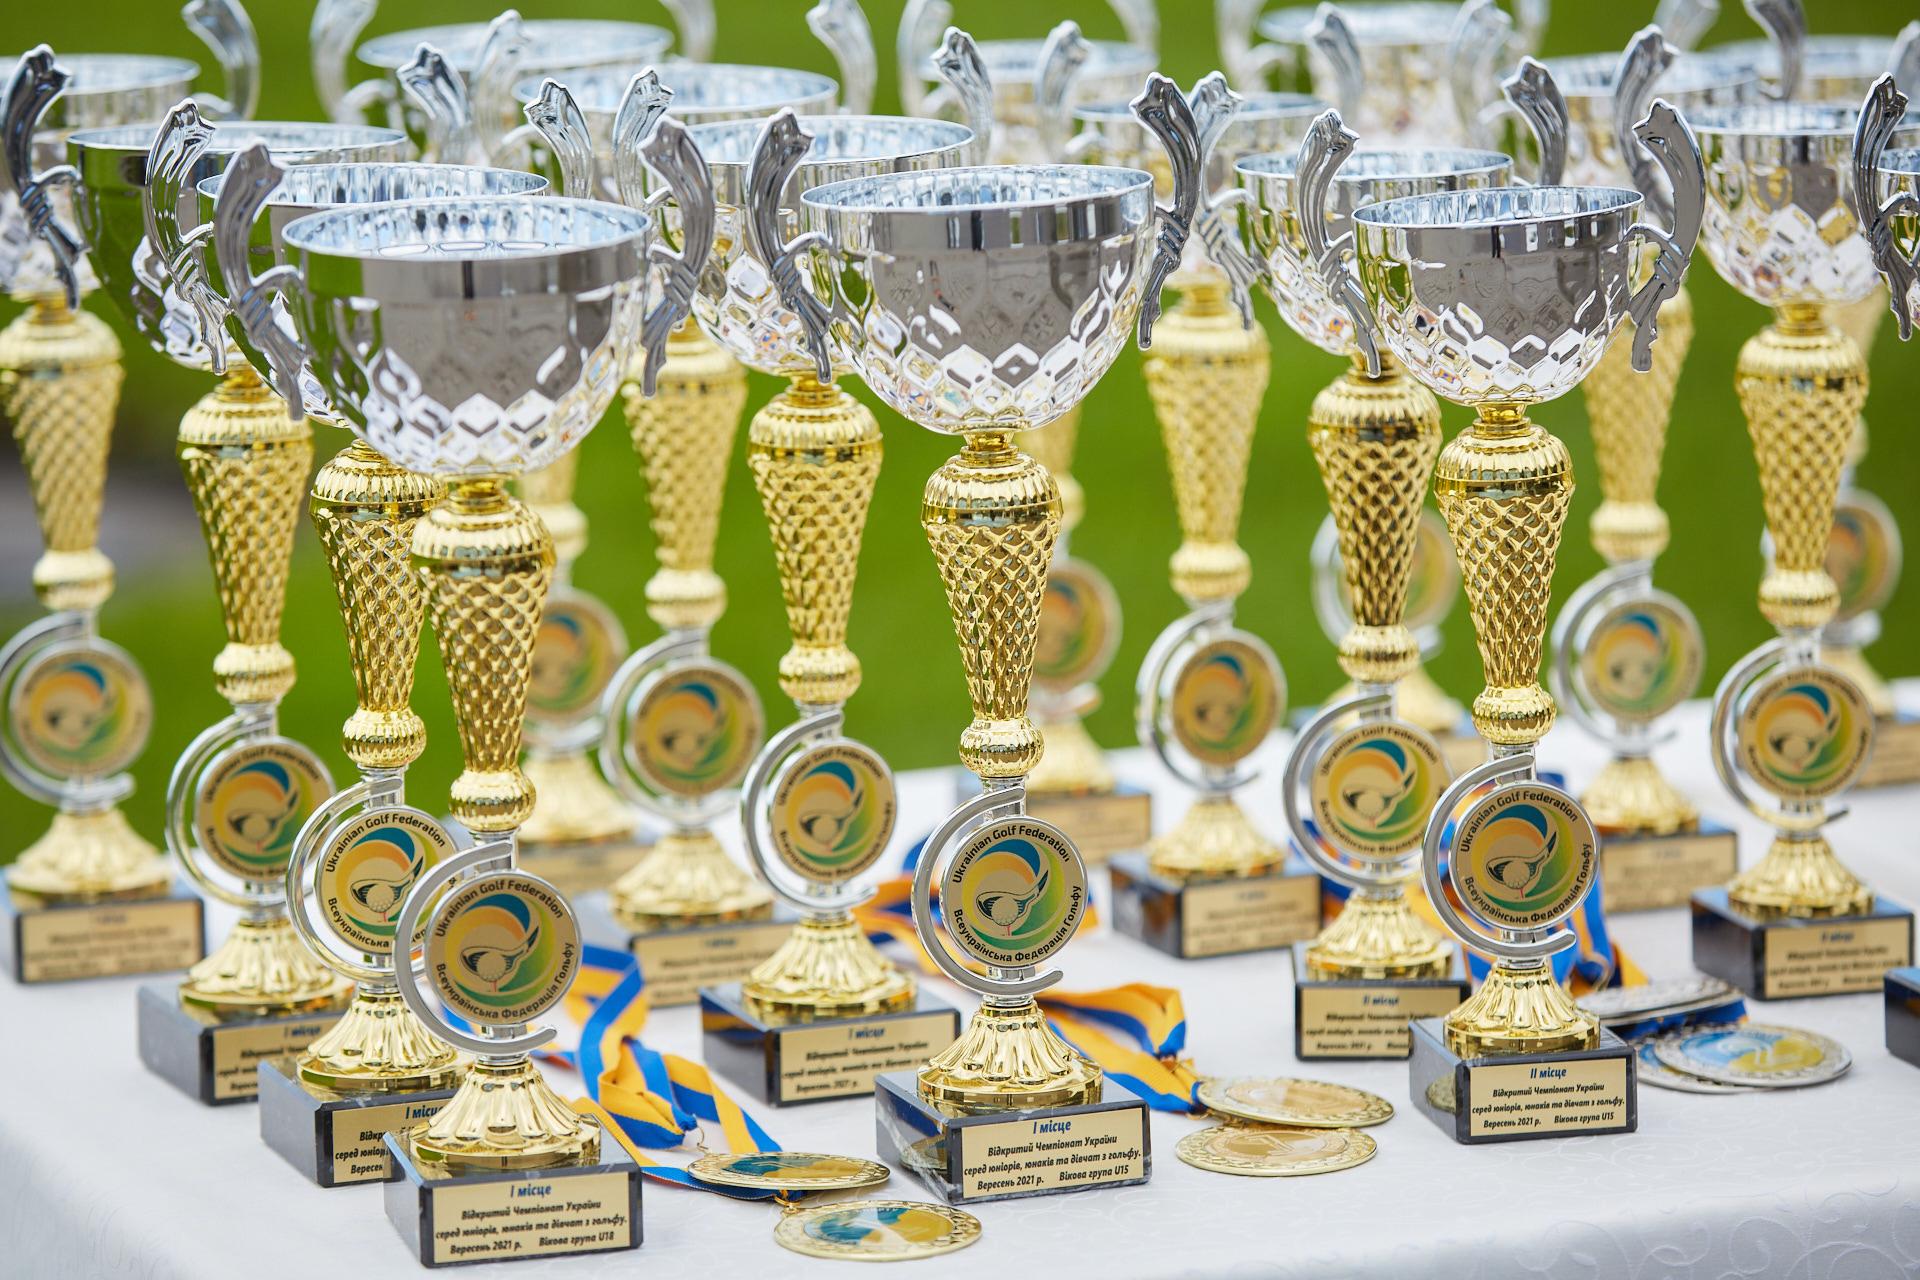 WAGR турнір з гольфу серед юніорів: визначені нові Чемпіони України з гольфу серед юнаків та дівчат